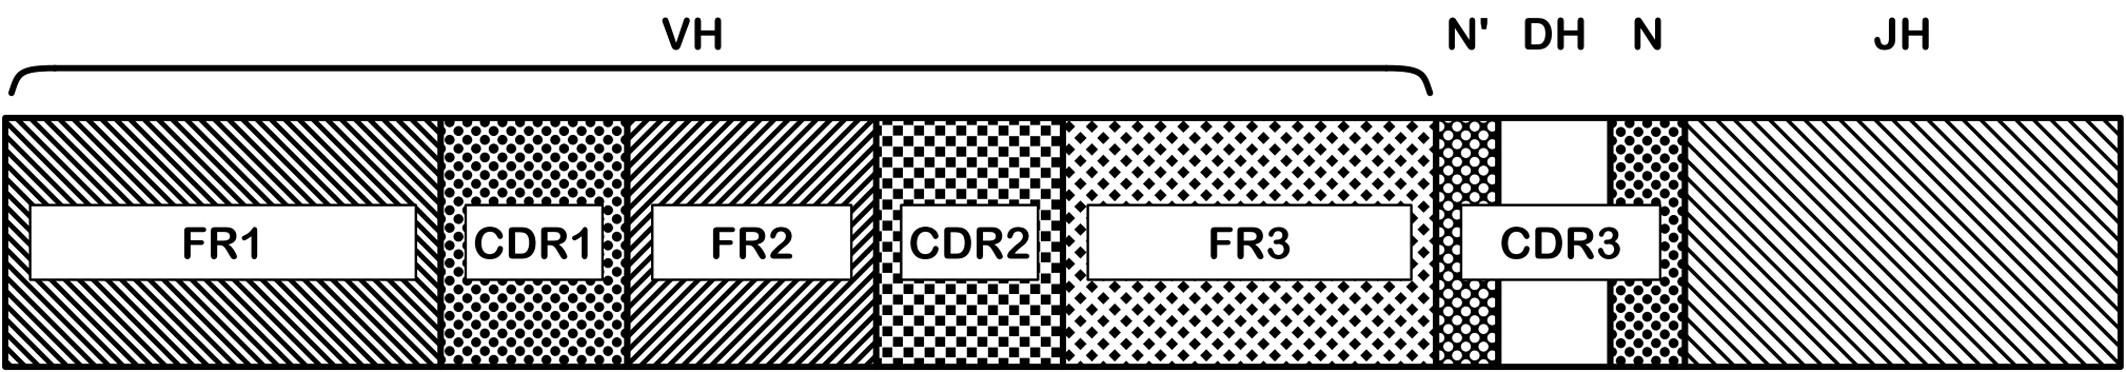 Oblasti genu těžkého řetězce imunoglobulinu. Na nukleotidové sekvenci přeskupených VDJ subgenů je rozeznáváno několik funkčně významných oblastí: FR1-3 a CDR1-3. Aminokyseliny kódované v CDR (complementarity determining regions) oblastech jsou zodpovědné za vazbu protilátky na antigen, sekvence těchto oblastí má tedy největší význam pro specifitu výsledné protilátky. CDR3 oblast je nejvíce variabilní, zahrnuje D subgen a náhodně včleněné nukleotidy (N, N') ve spojích V-D a D-J.